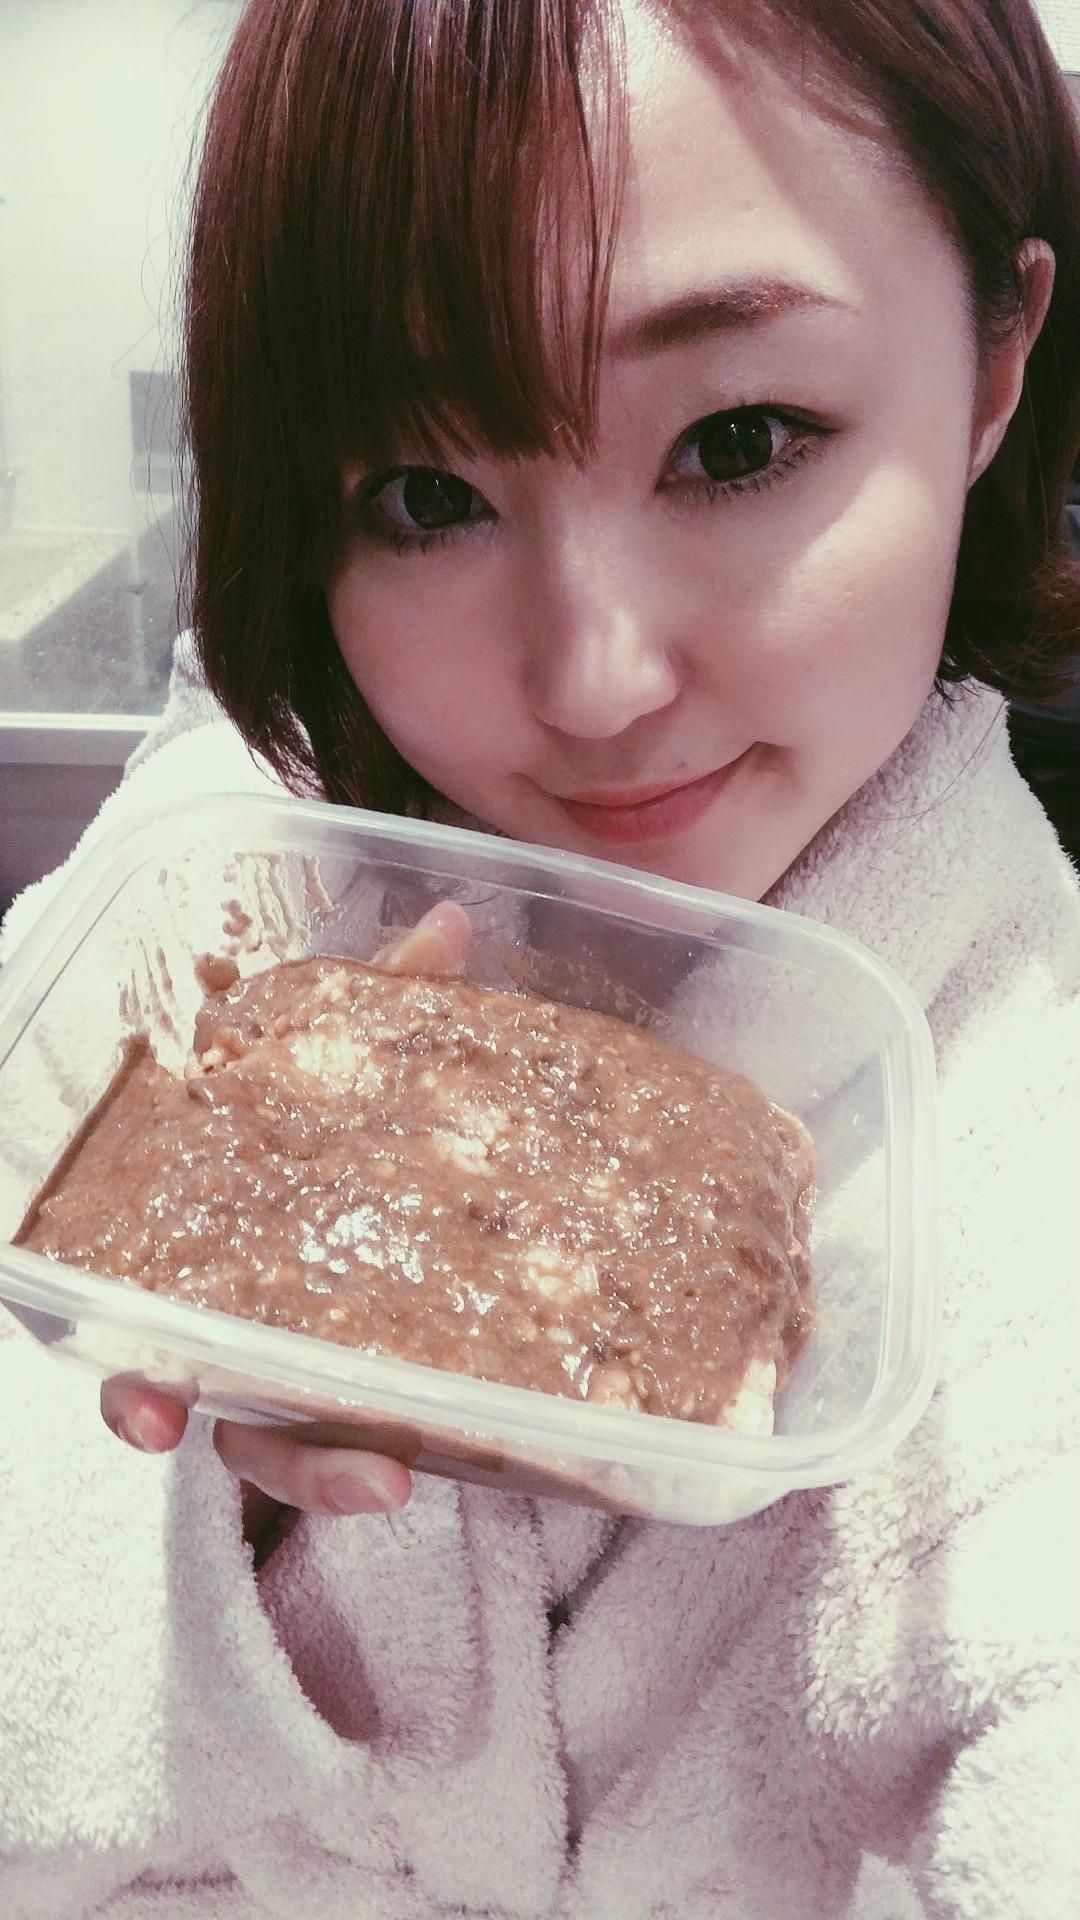 「お昼ごはん☆」03/17(03/17) 14:42 | 成瀬 あかりの写メ・風俗動画